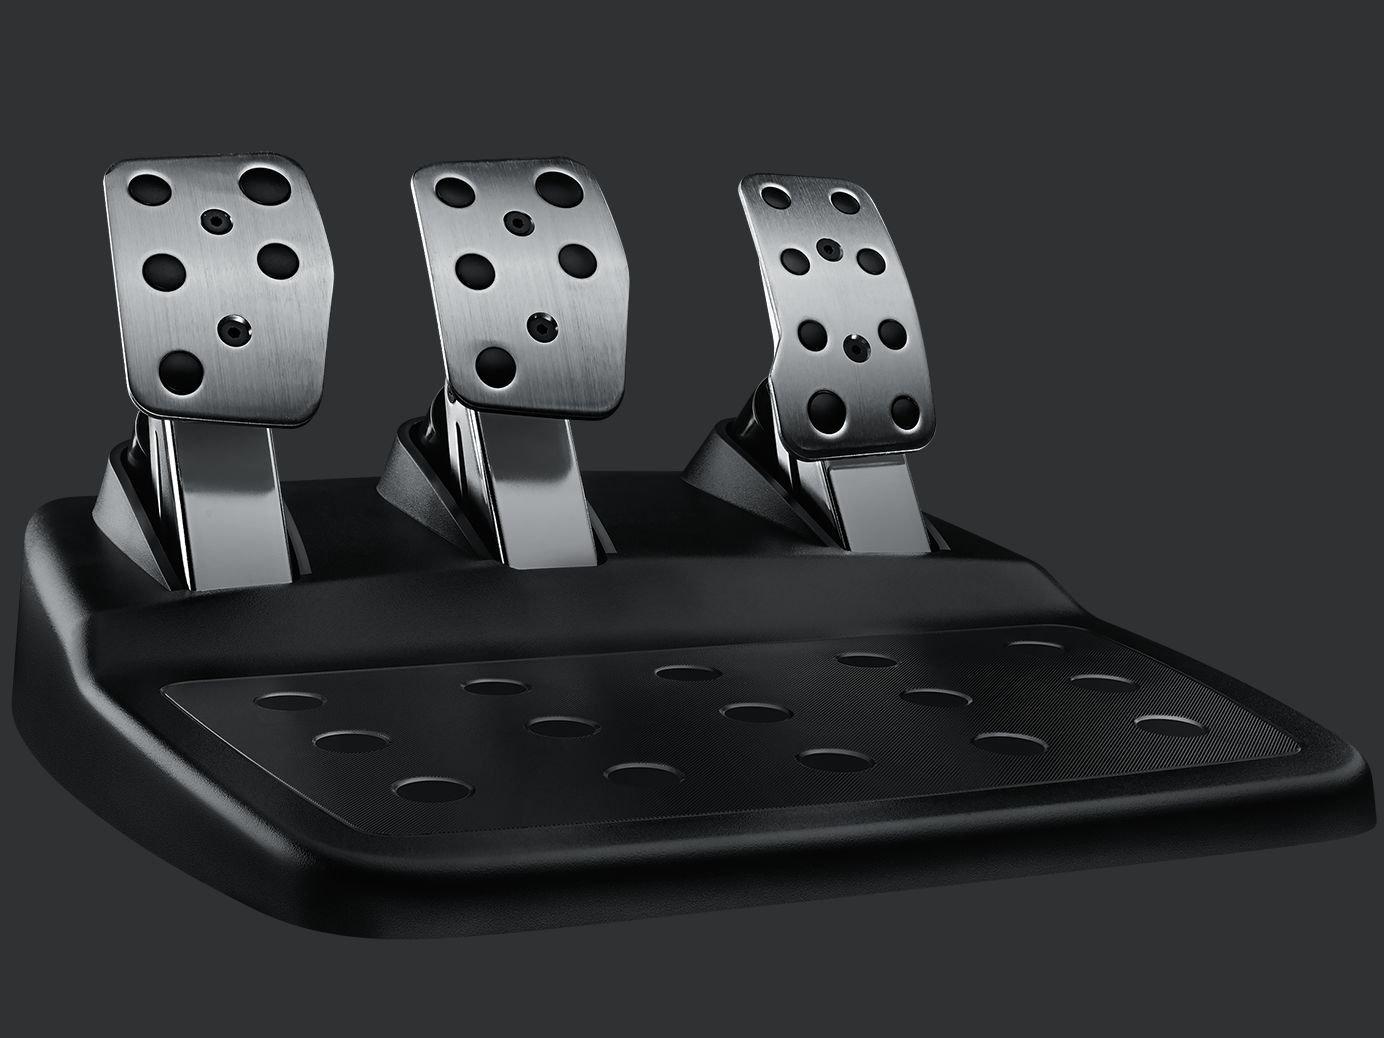 Bàn đạp Pedal có thể điều chỉnh của Vô Lăng chơi game Logitech G29 DRIVING FORCE